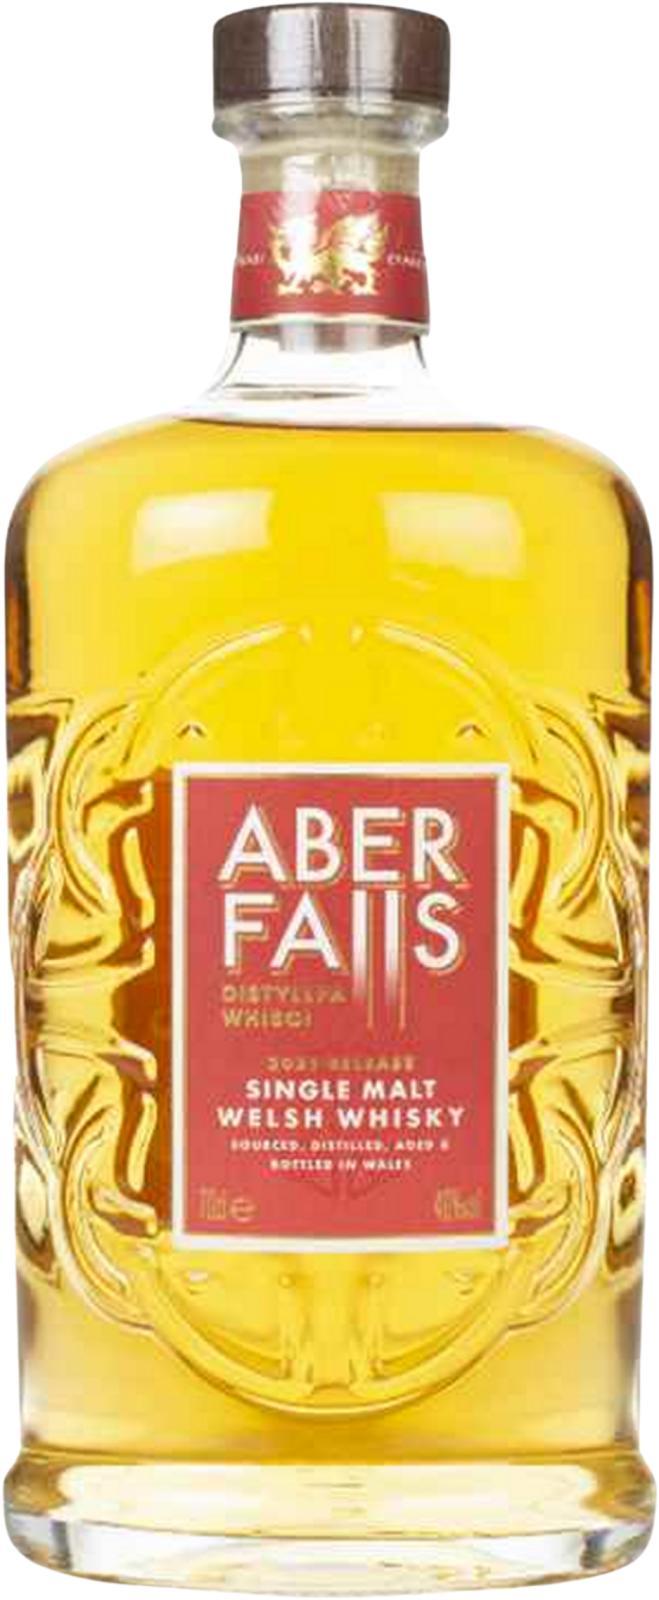 Aber Falls Single Malt Welsh Whisky